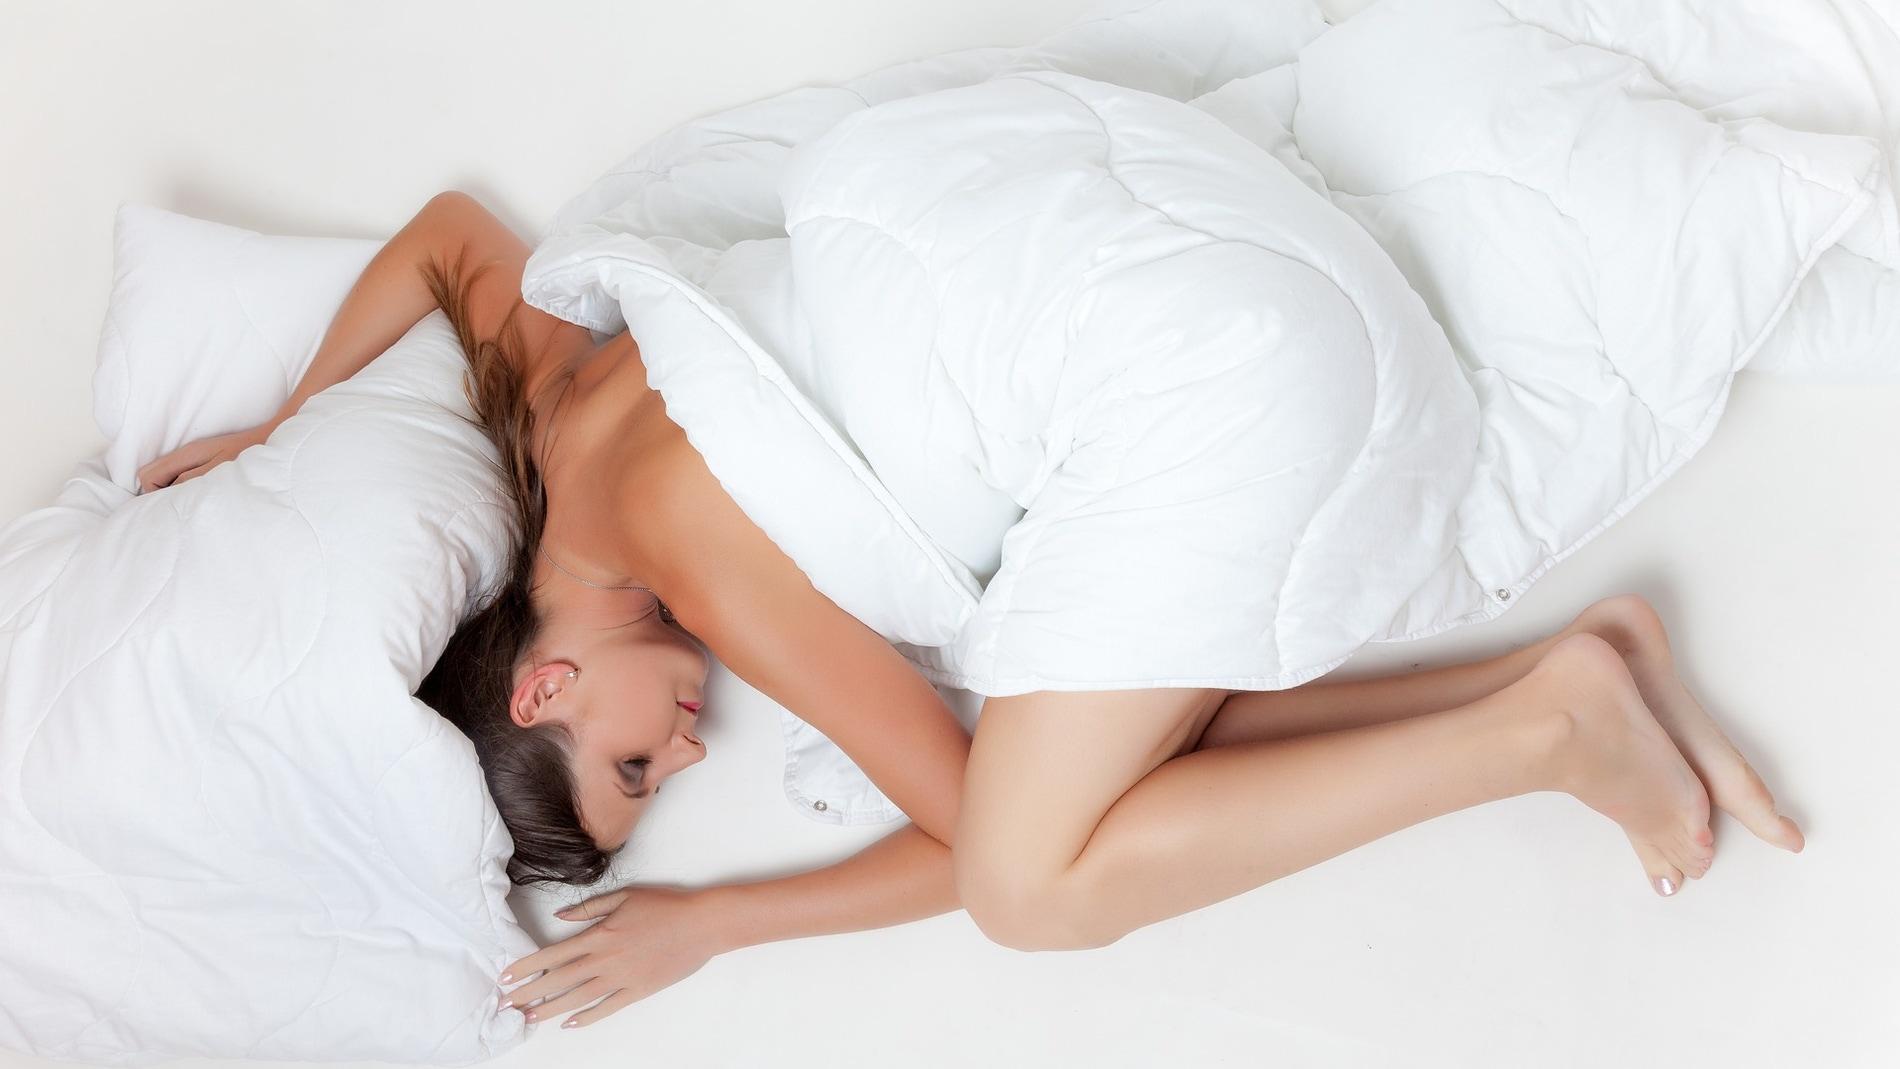 Dormir es uno de los mayores placeres